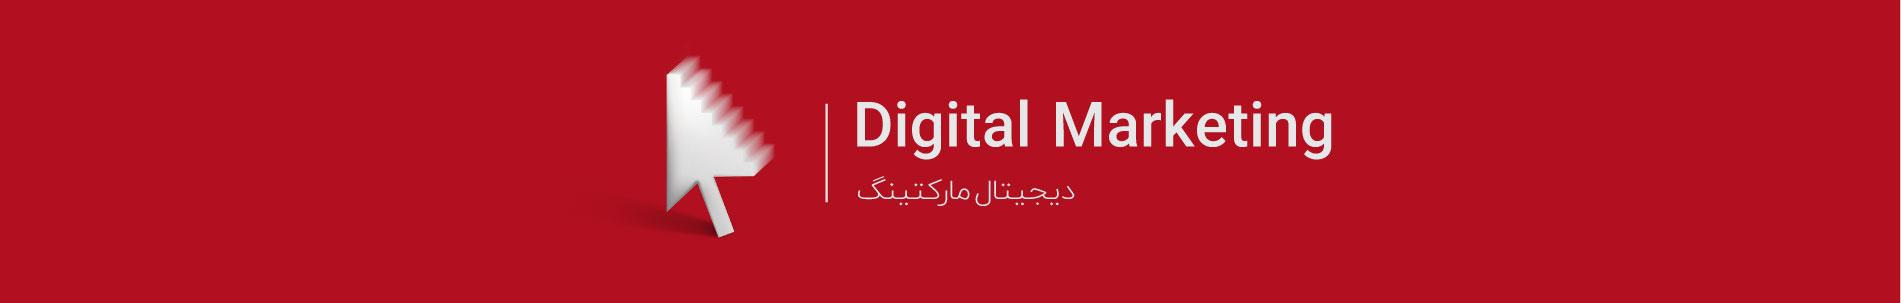 بازاریابی دیجیتال و رسانه های تعاملی